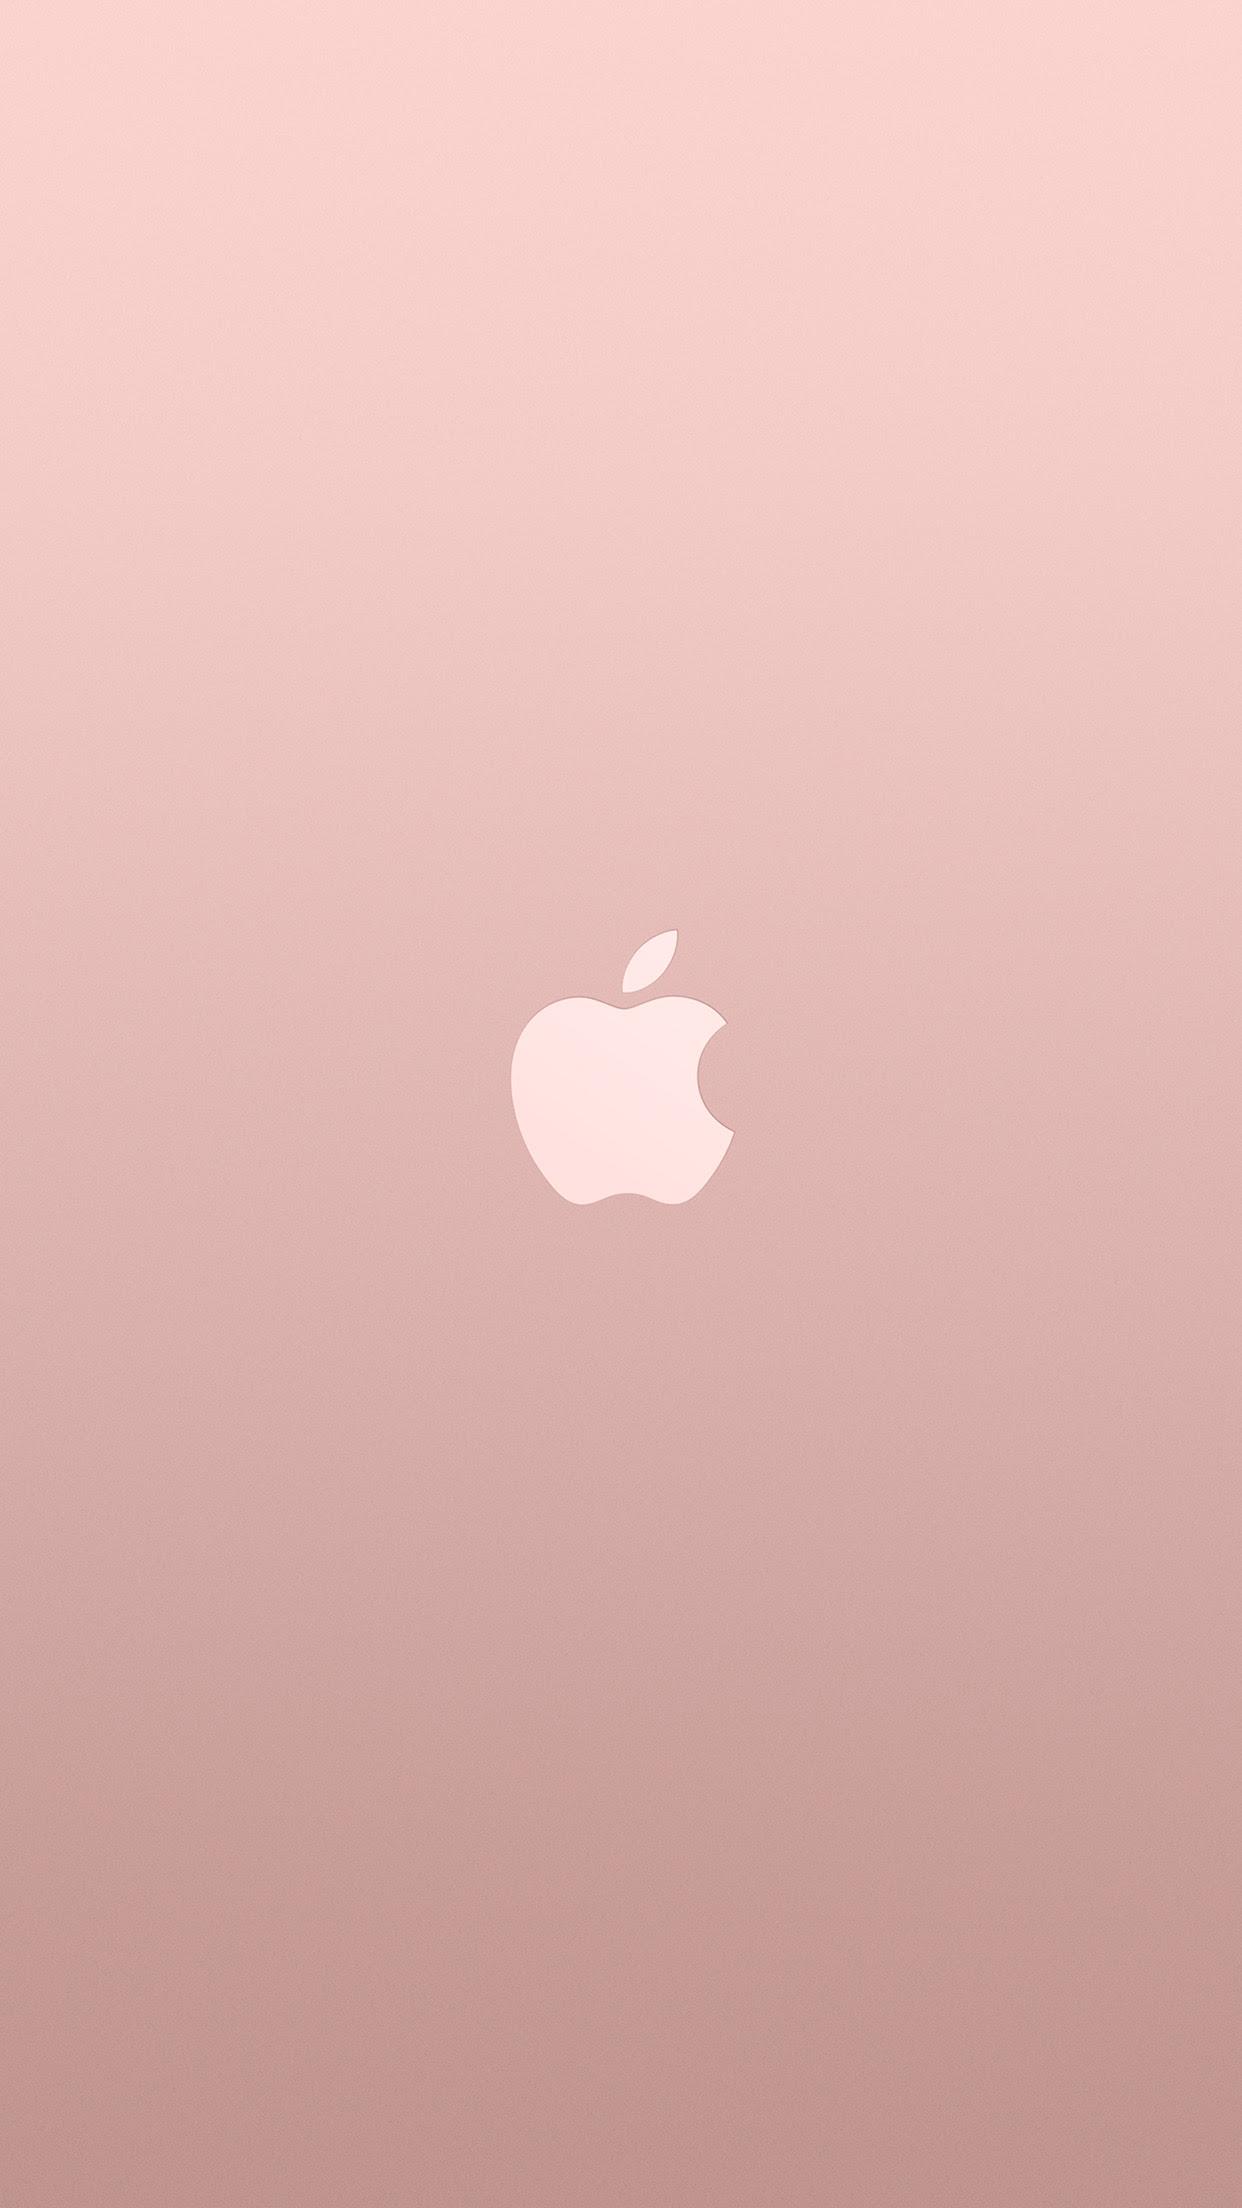 Rose Gold Iphone 7 Plus Wallpaper Wallpaper Iphone